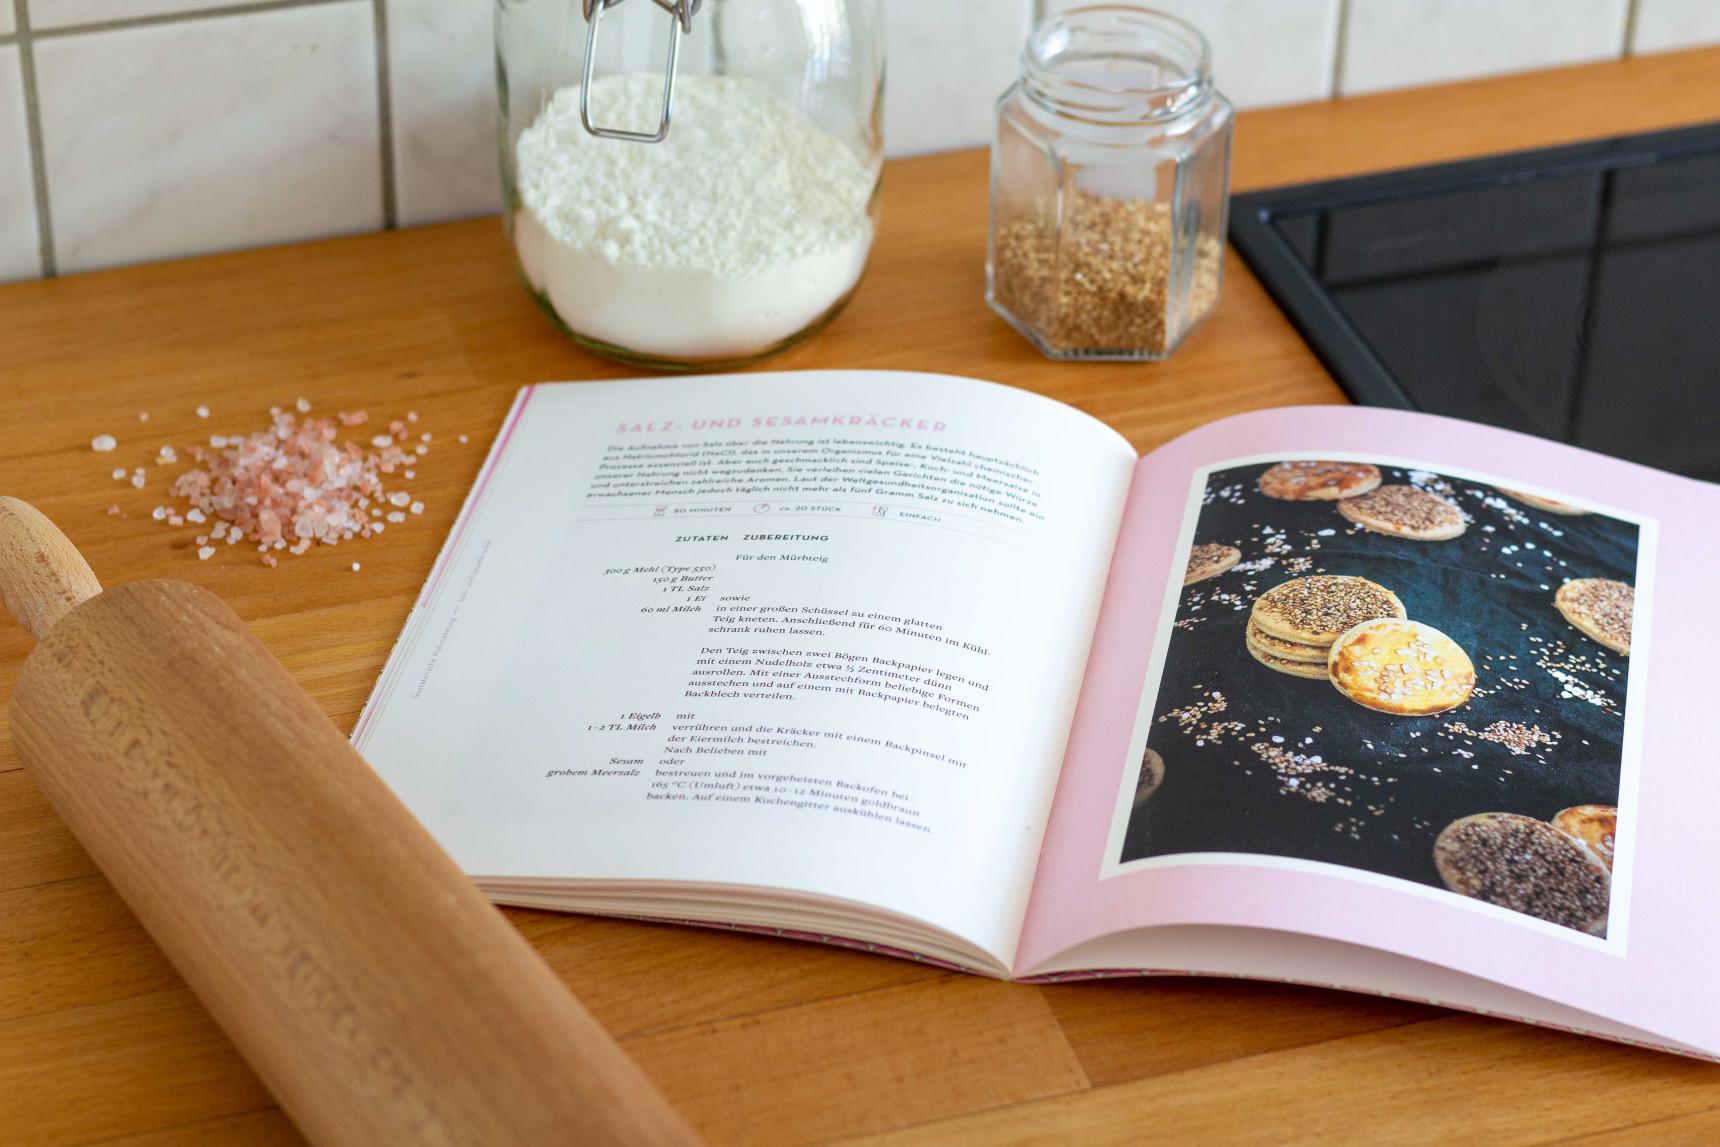 Ein aufgeschlagenes Rezept liegt auf einer Küchenarbeitsfläche.